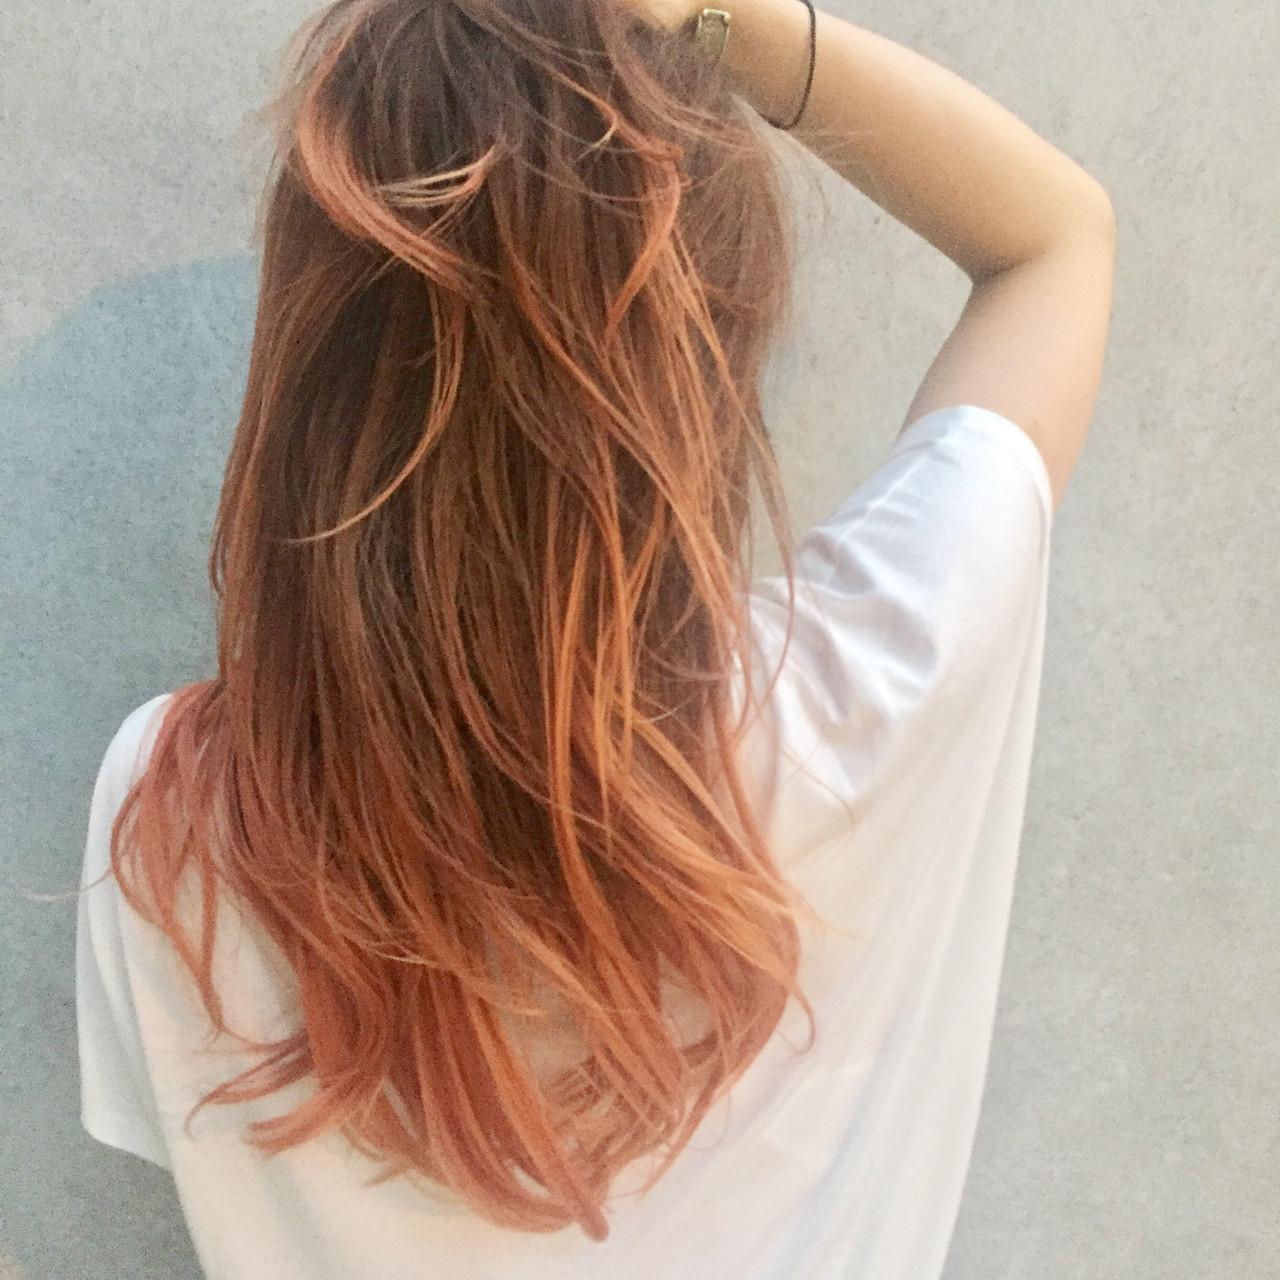 セミロング オレンジ オレンジベージュ グラデーションカラー ヘアスタイルや髪型の写真・画像